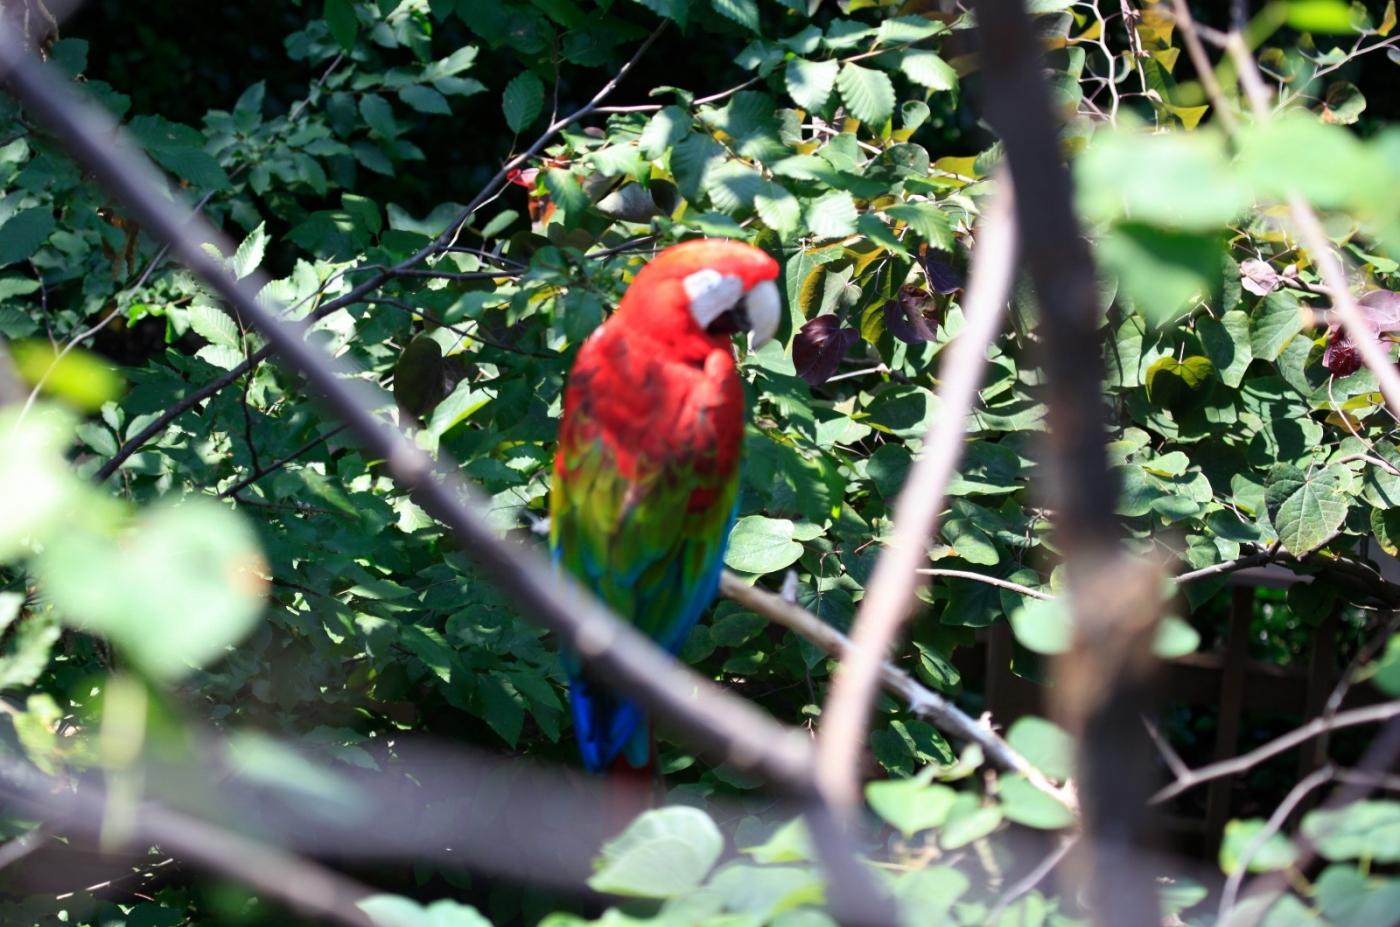 动物园花絮(摄于布朗士动物园,皇后区动物园)_图1-17